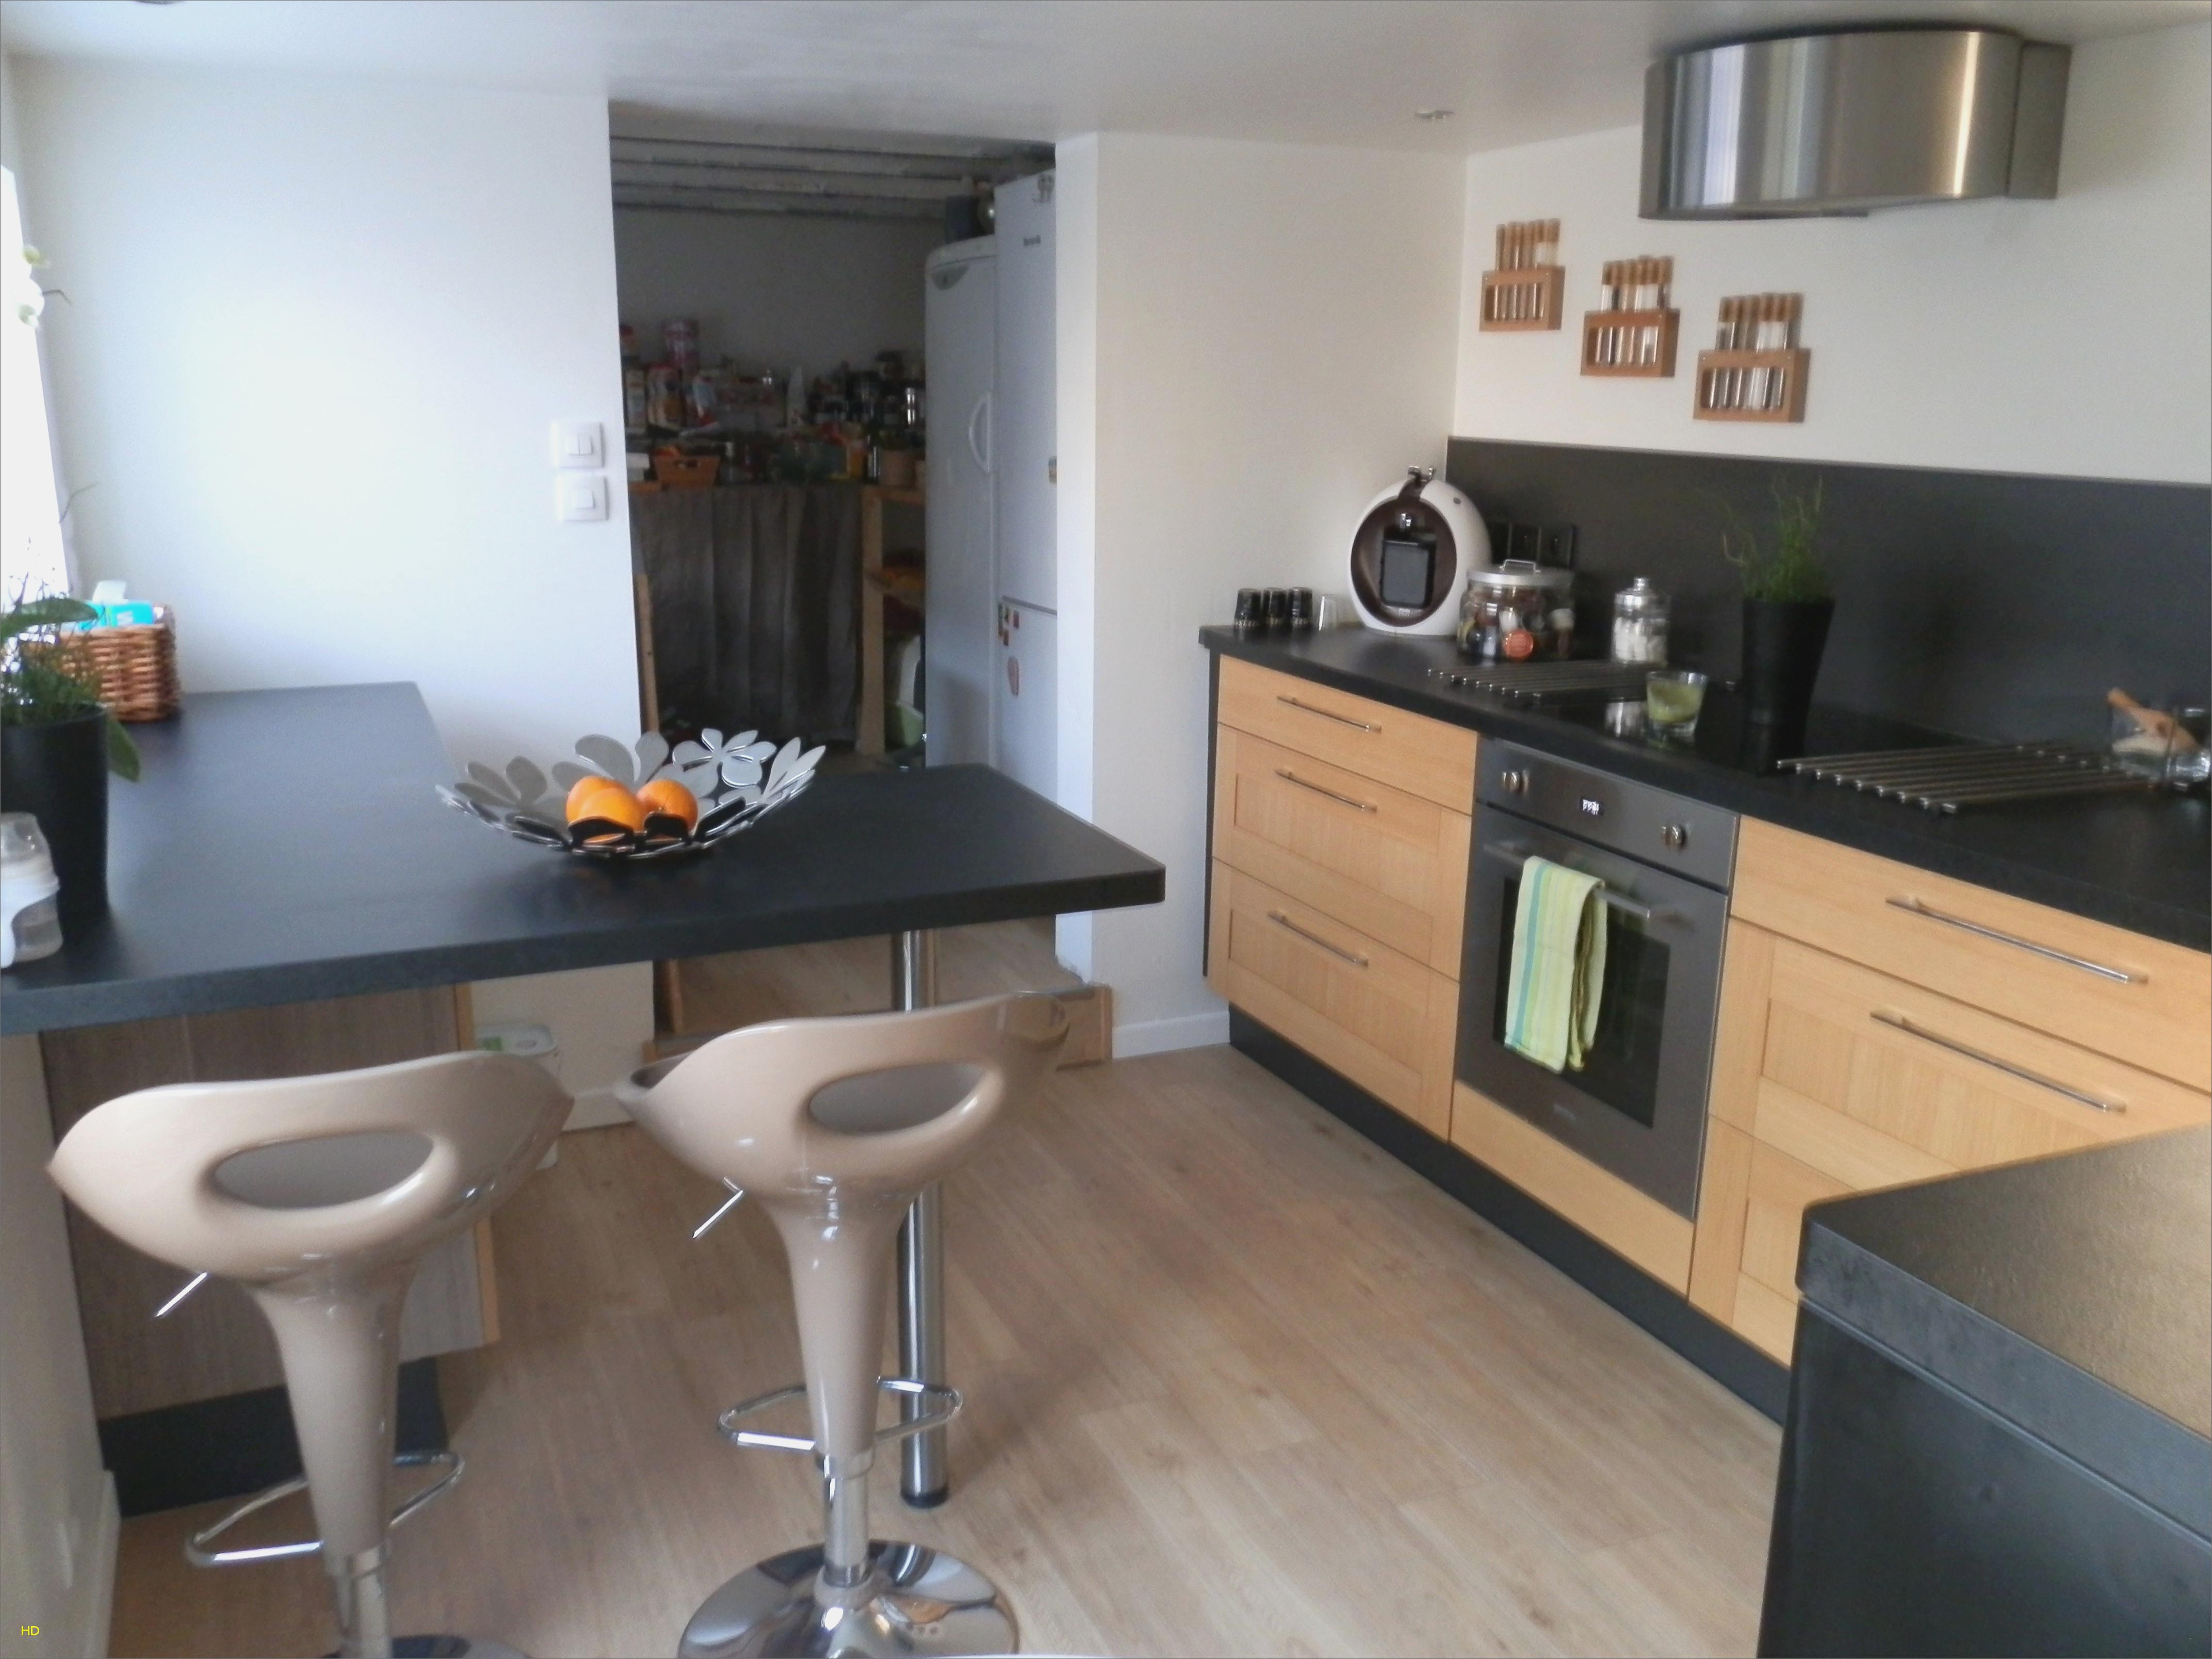 Modele de cuisine alinea maison et mobilier - Alinea cuisine amenagee ...